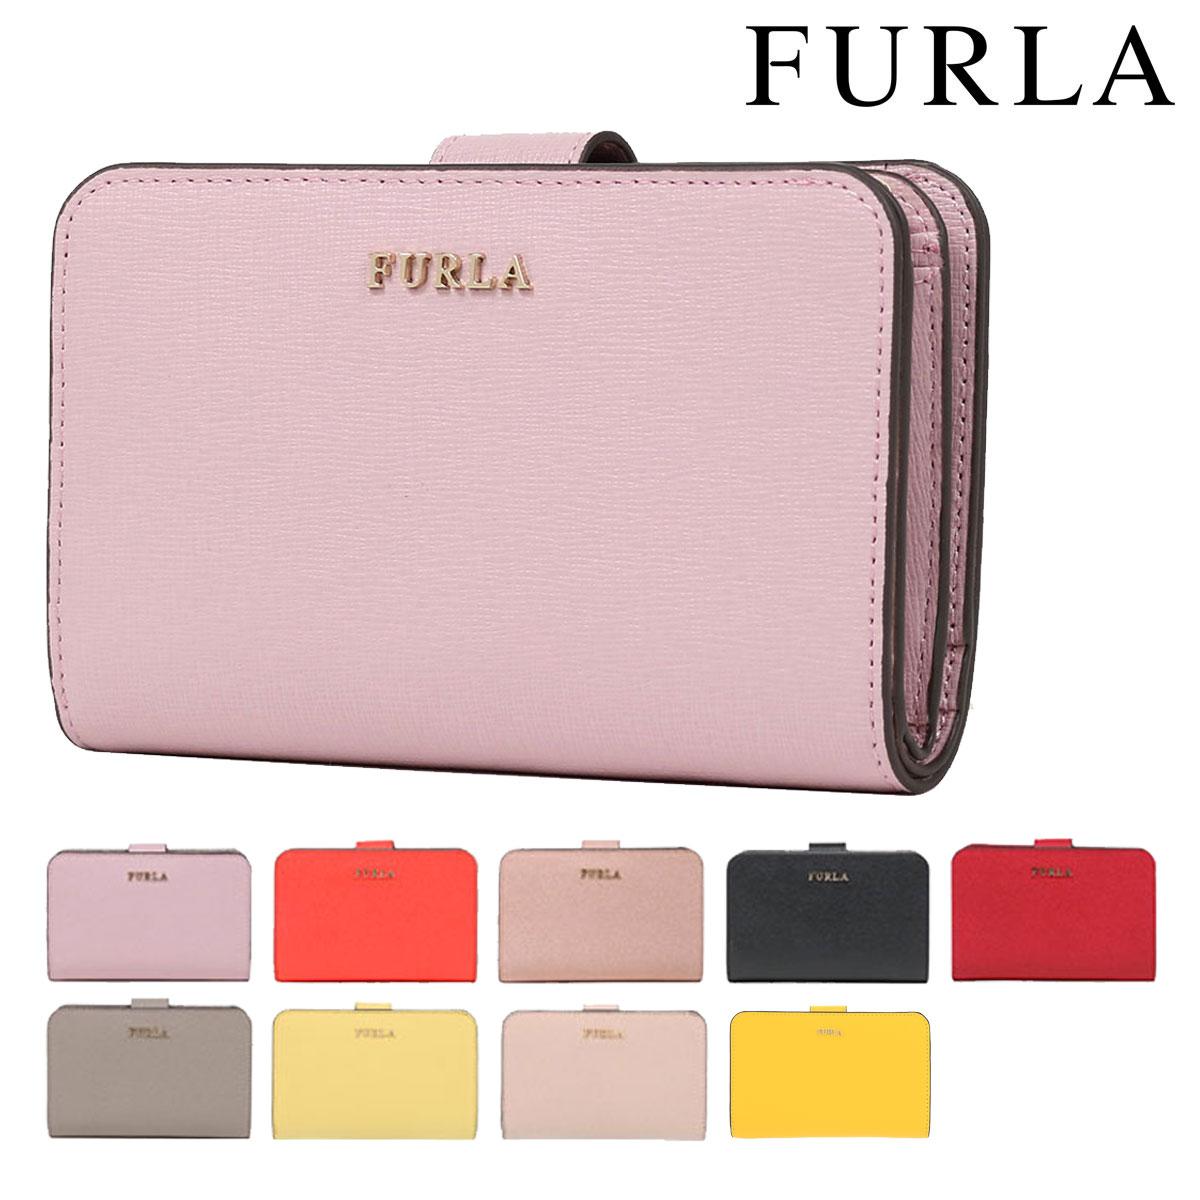 フルラ 二つ折り財布 バビロン レディース PR85 FURLA | 本革 レザー ブランド専用BOX付き